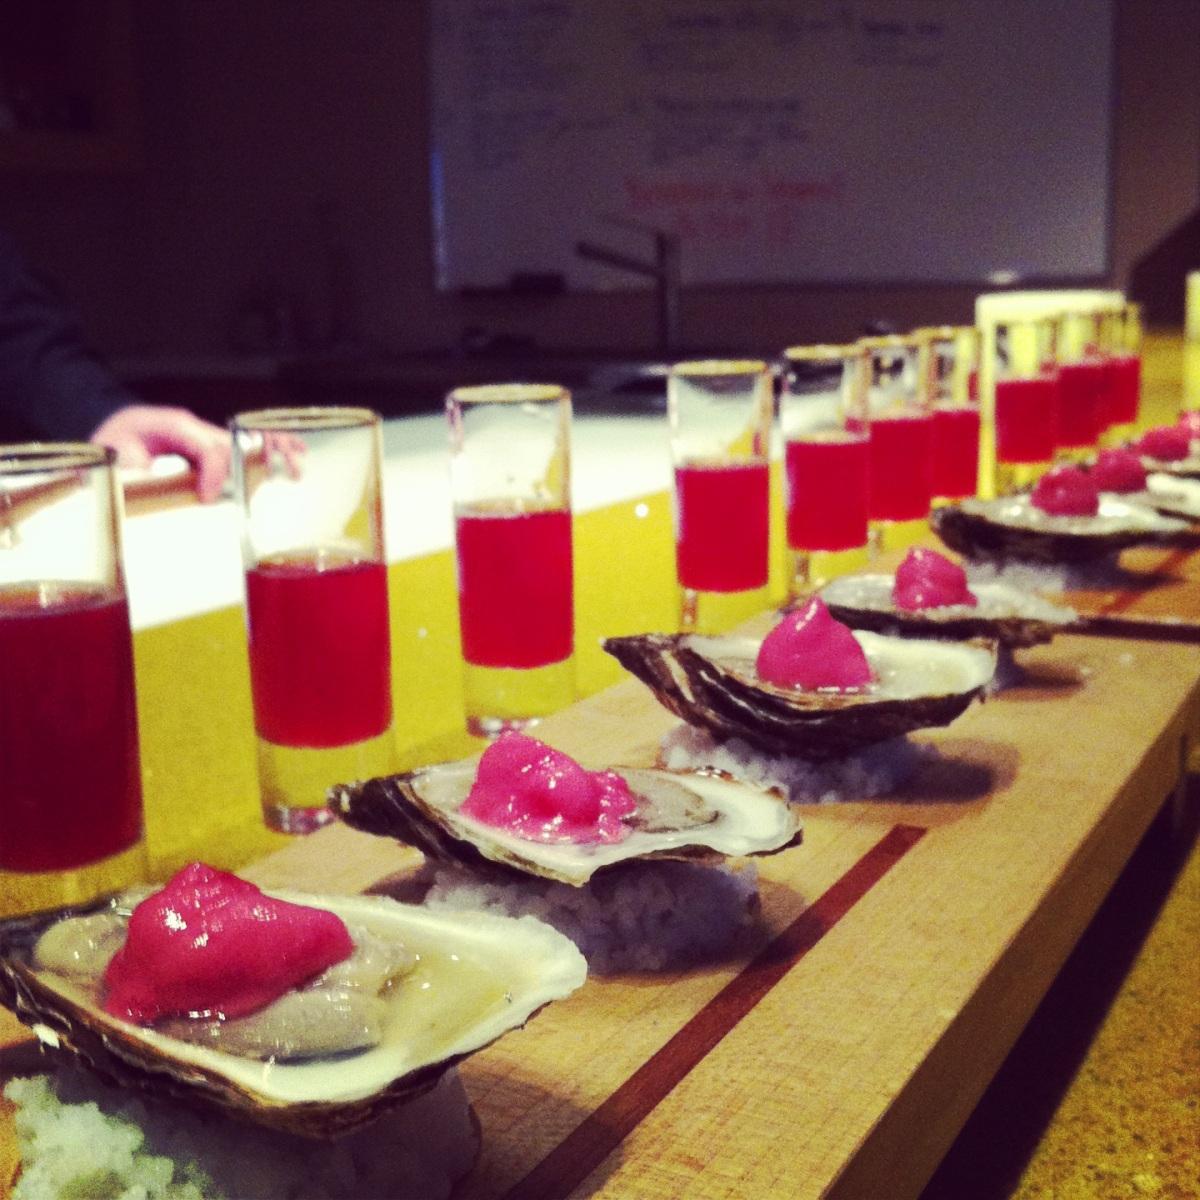 L'huître apéro: Cosmopolitain à la Berce Laineuse ou Iced Tea des bois